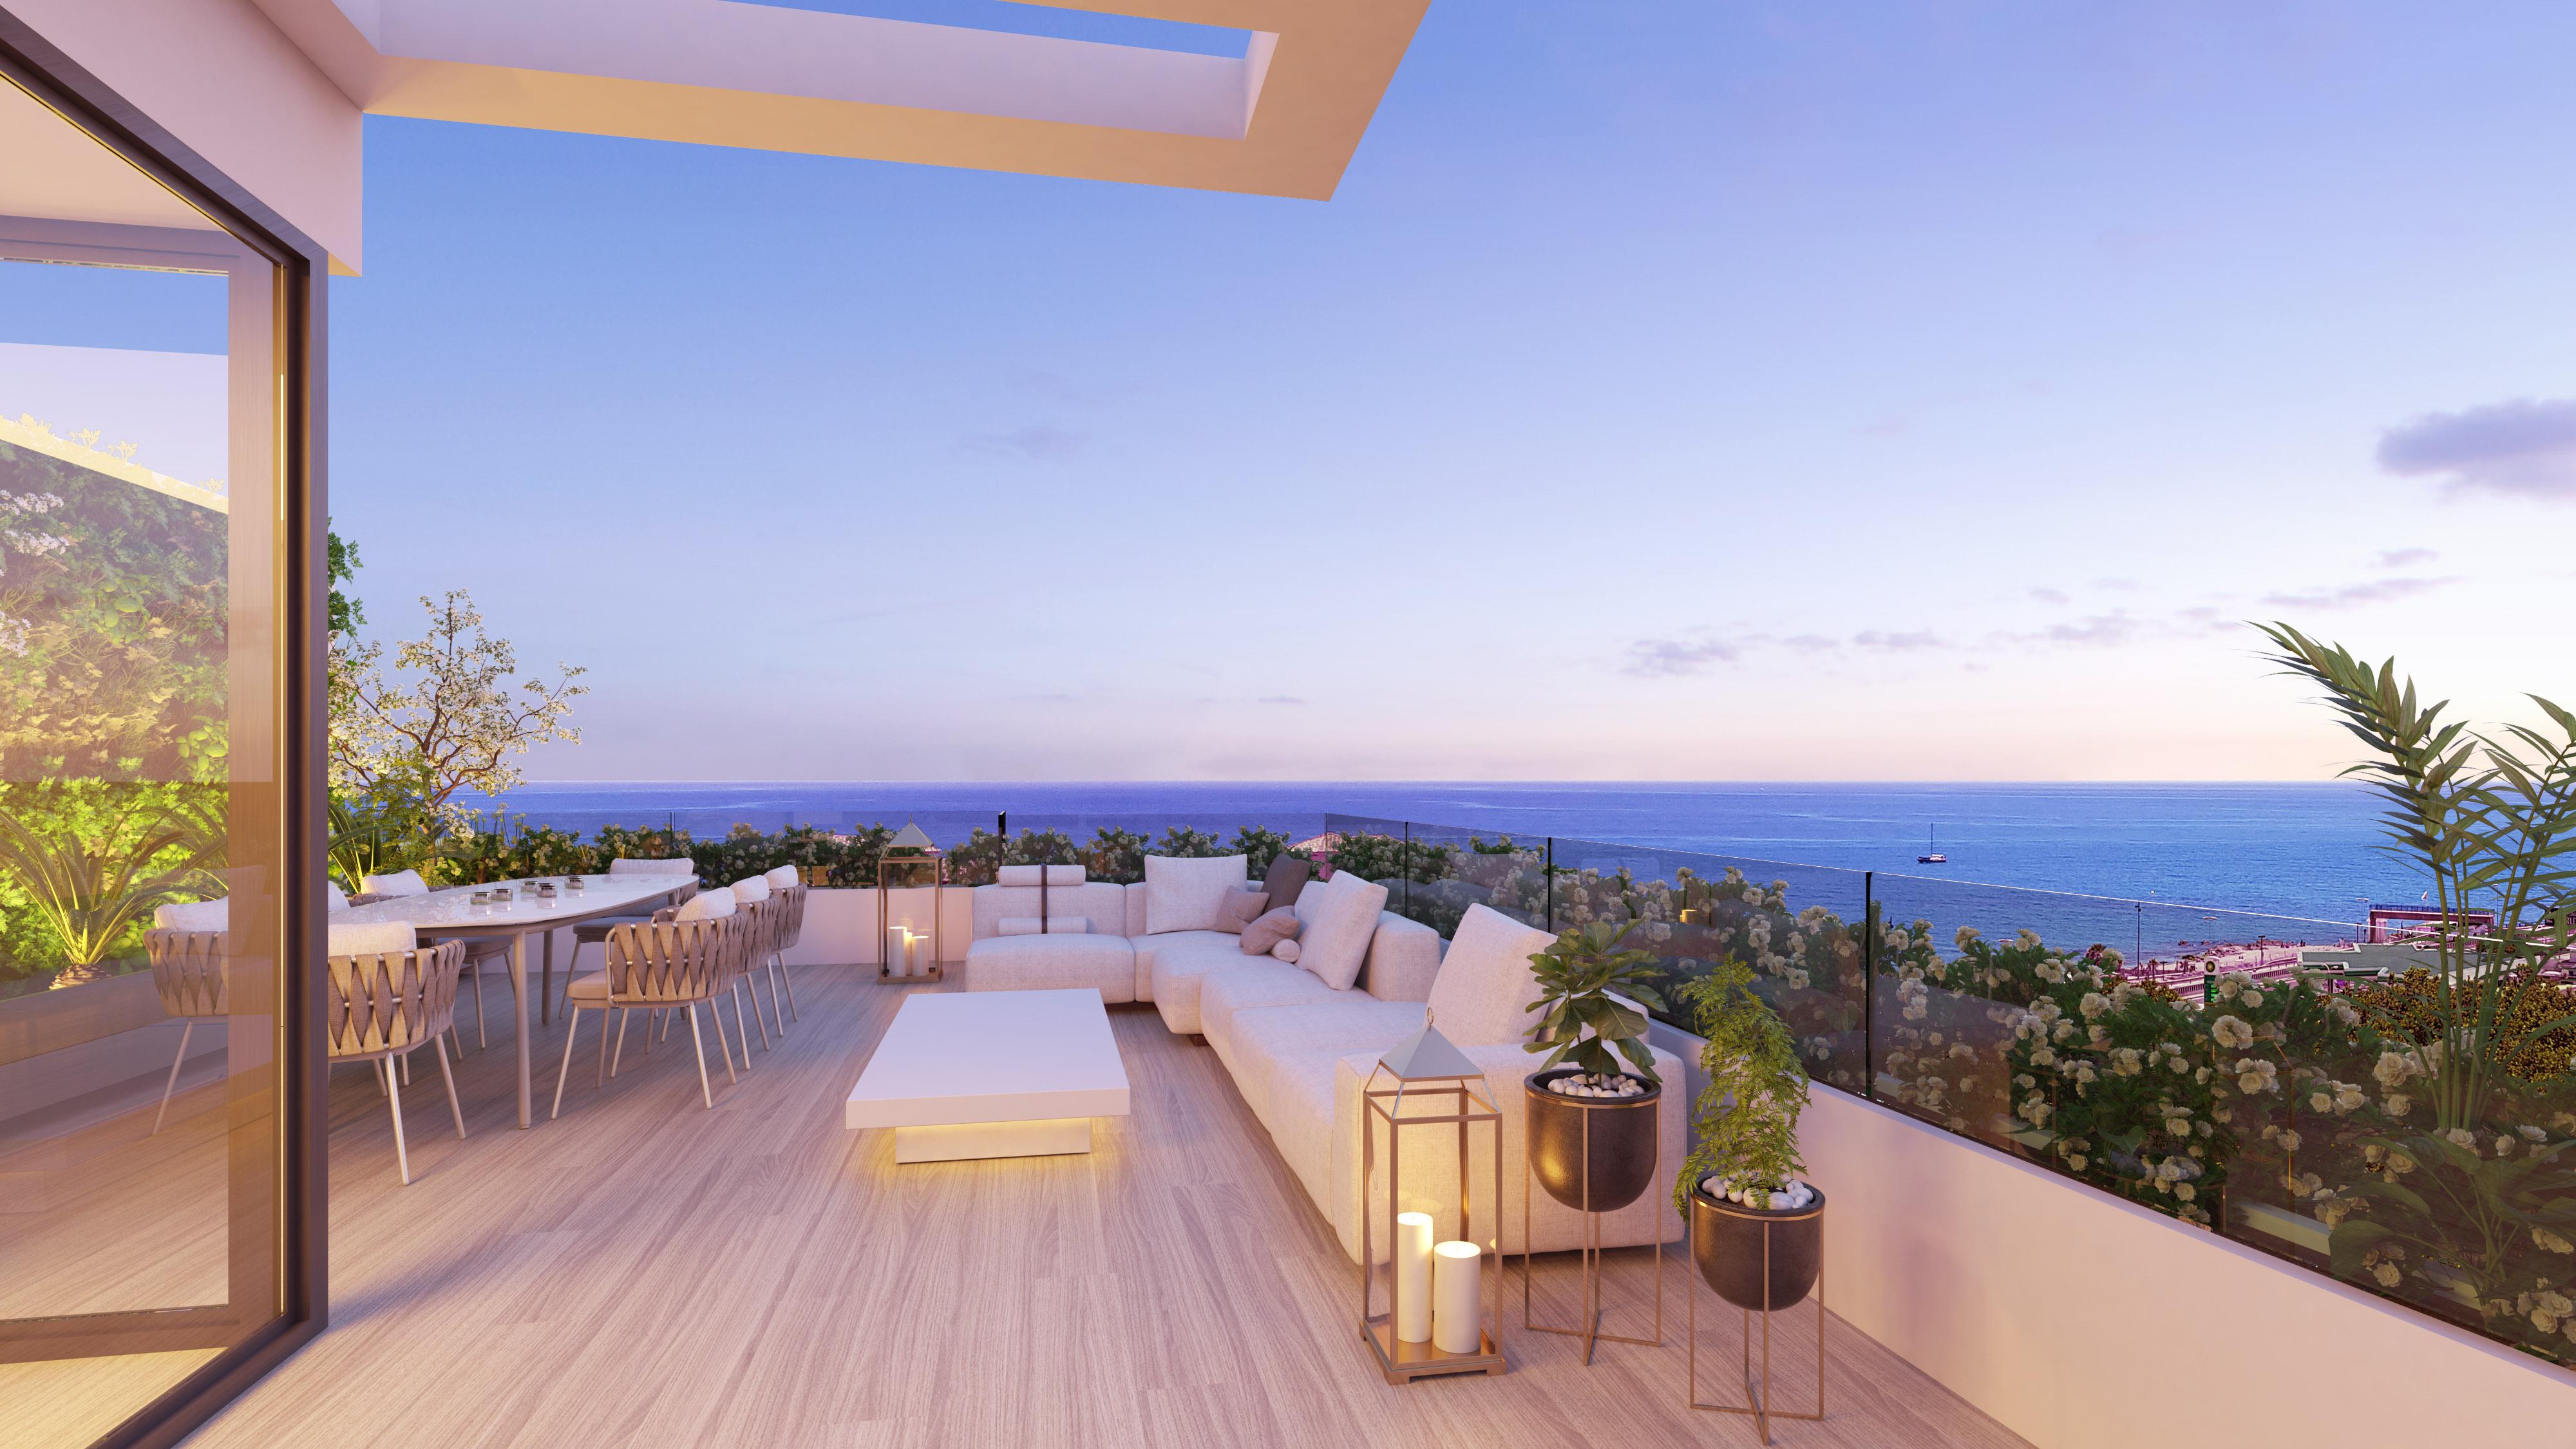 Neubau Immobilien - Marbella und Costa del Sol